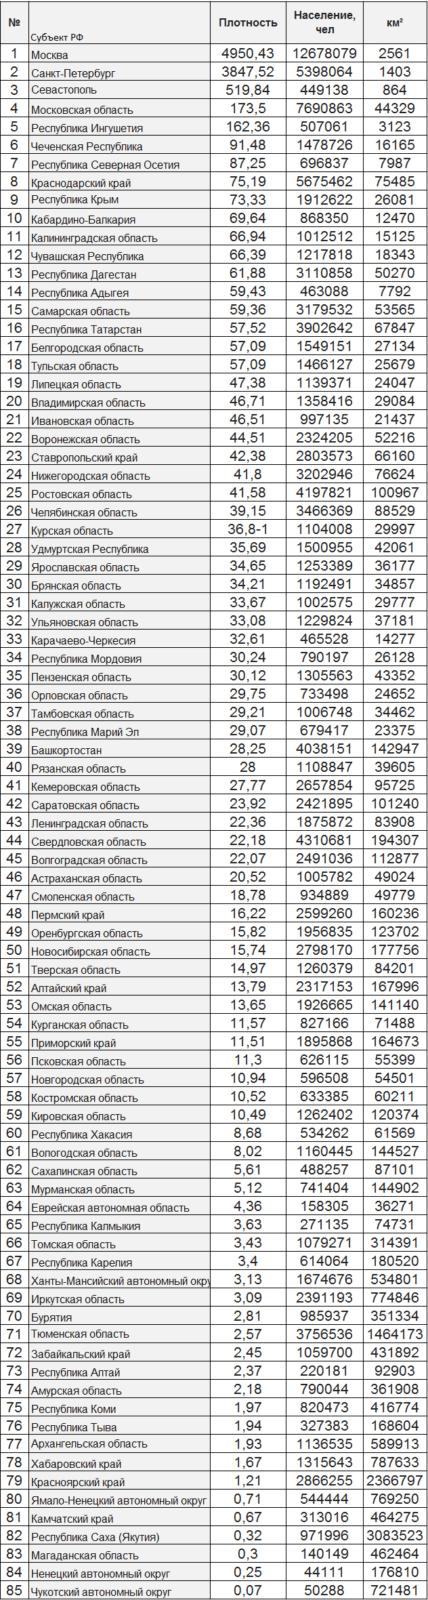 Таблица плотности населения России